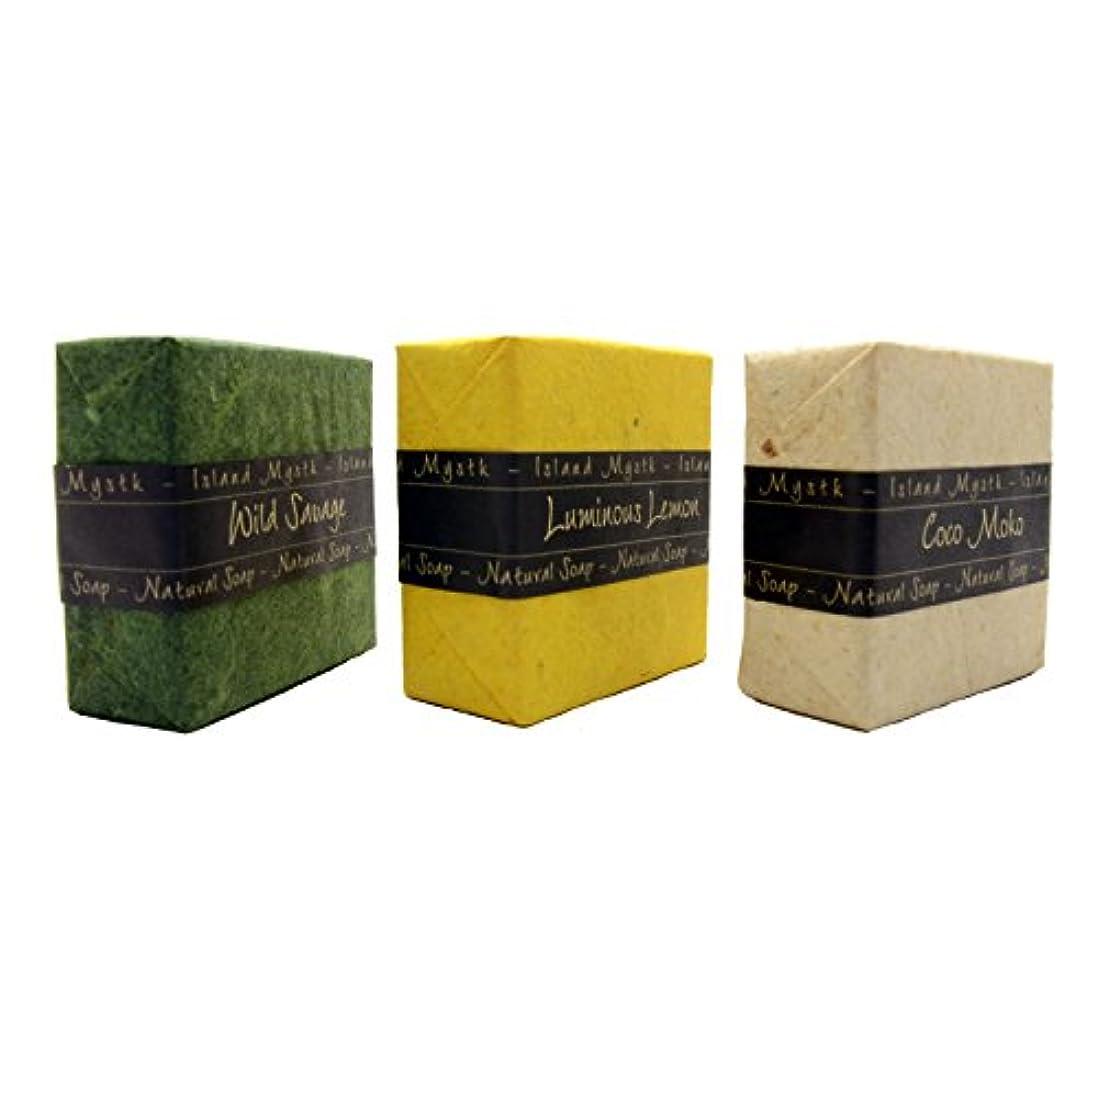 バナー平らな必要とするアイランドミスティック 3個セット 緑黄白 115g×3 ココナッツ石鹸 バリ島 Island Mystk 天然素材100% 無添加 オーガニック